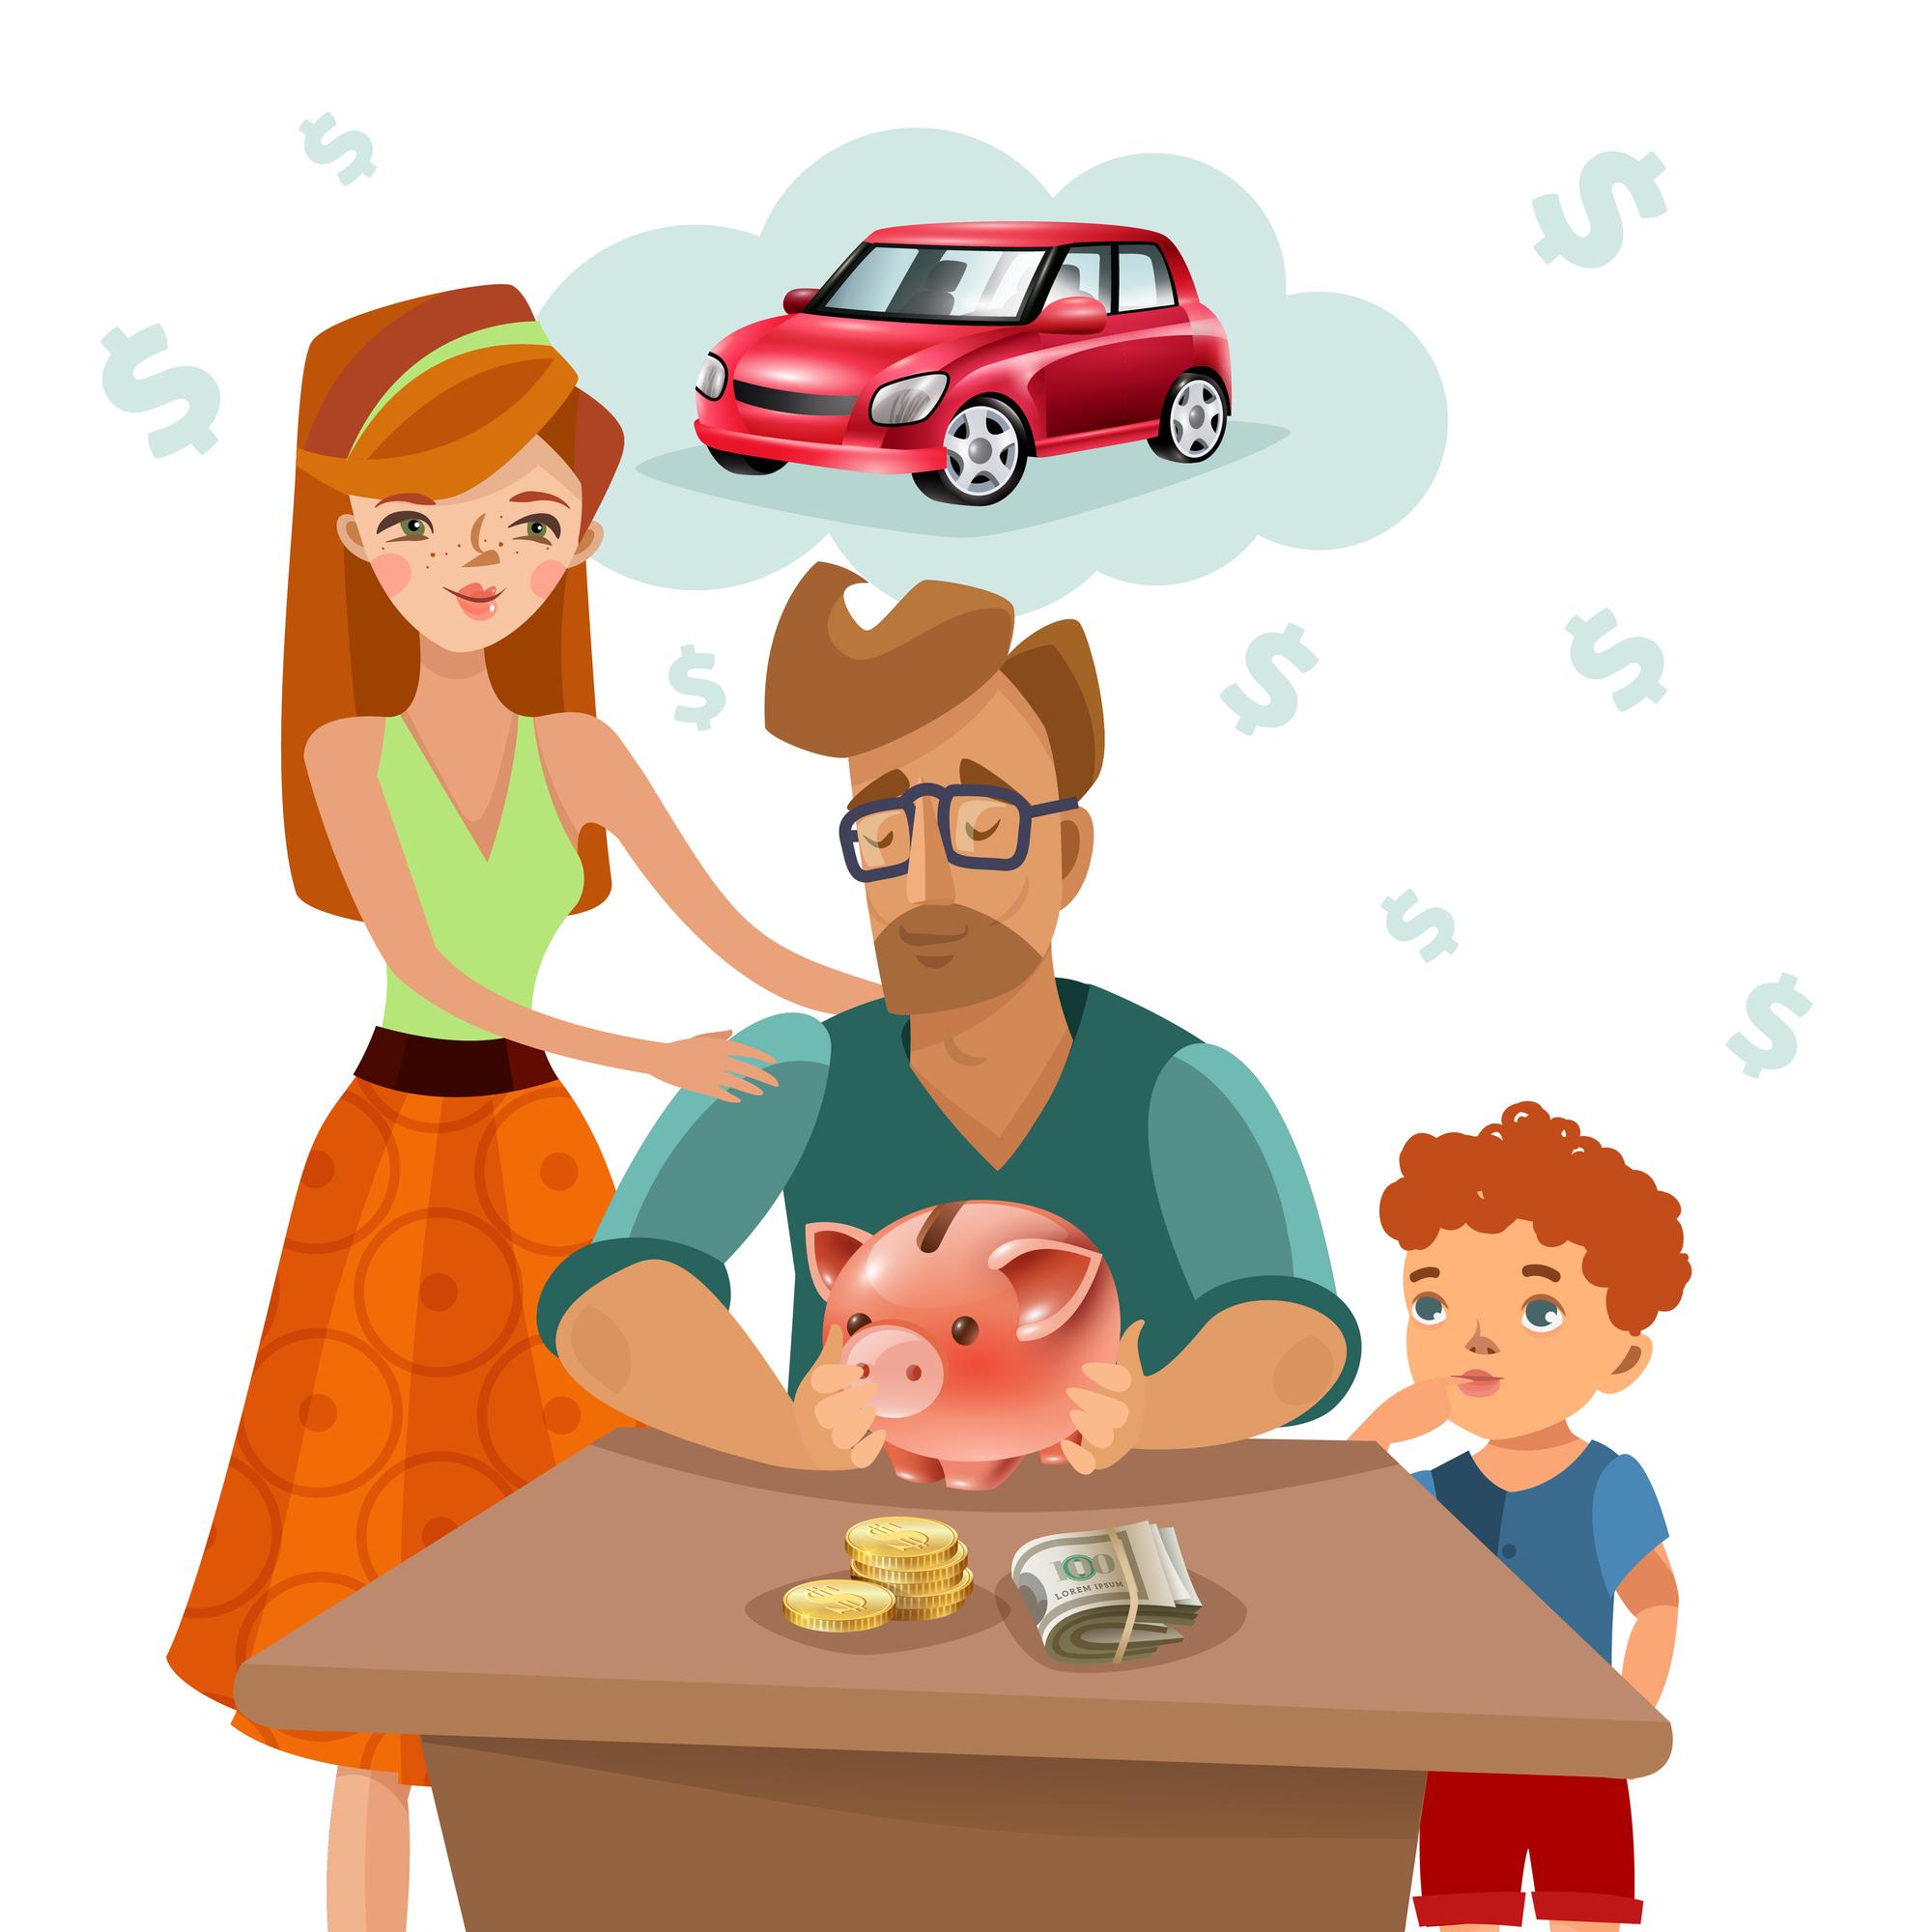 Комфортная жизнь семьи с ребенком в Силиконовой Долине стоит $210 тыс. в год. Это без лишних затрат